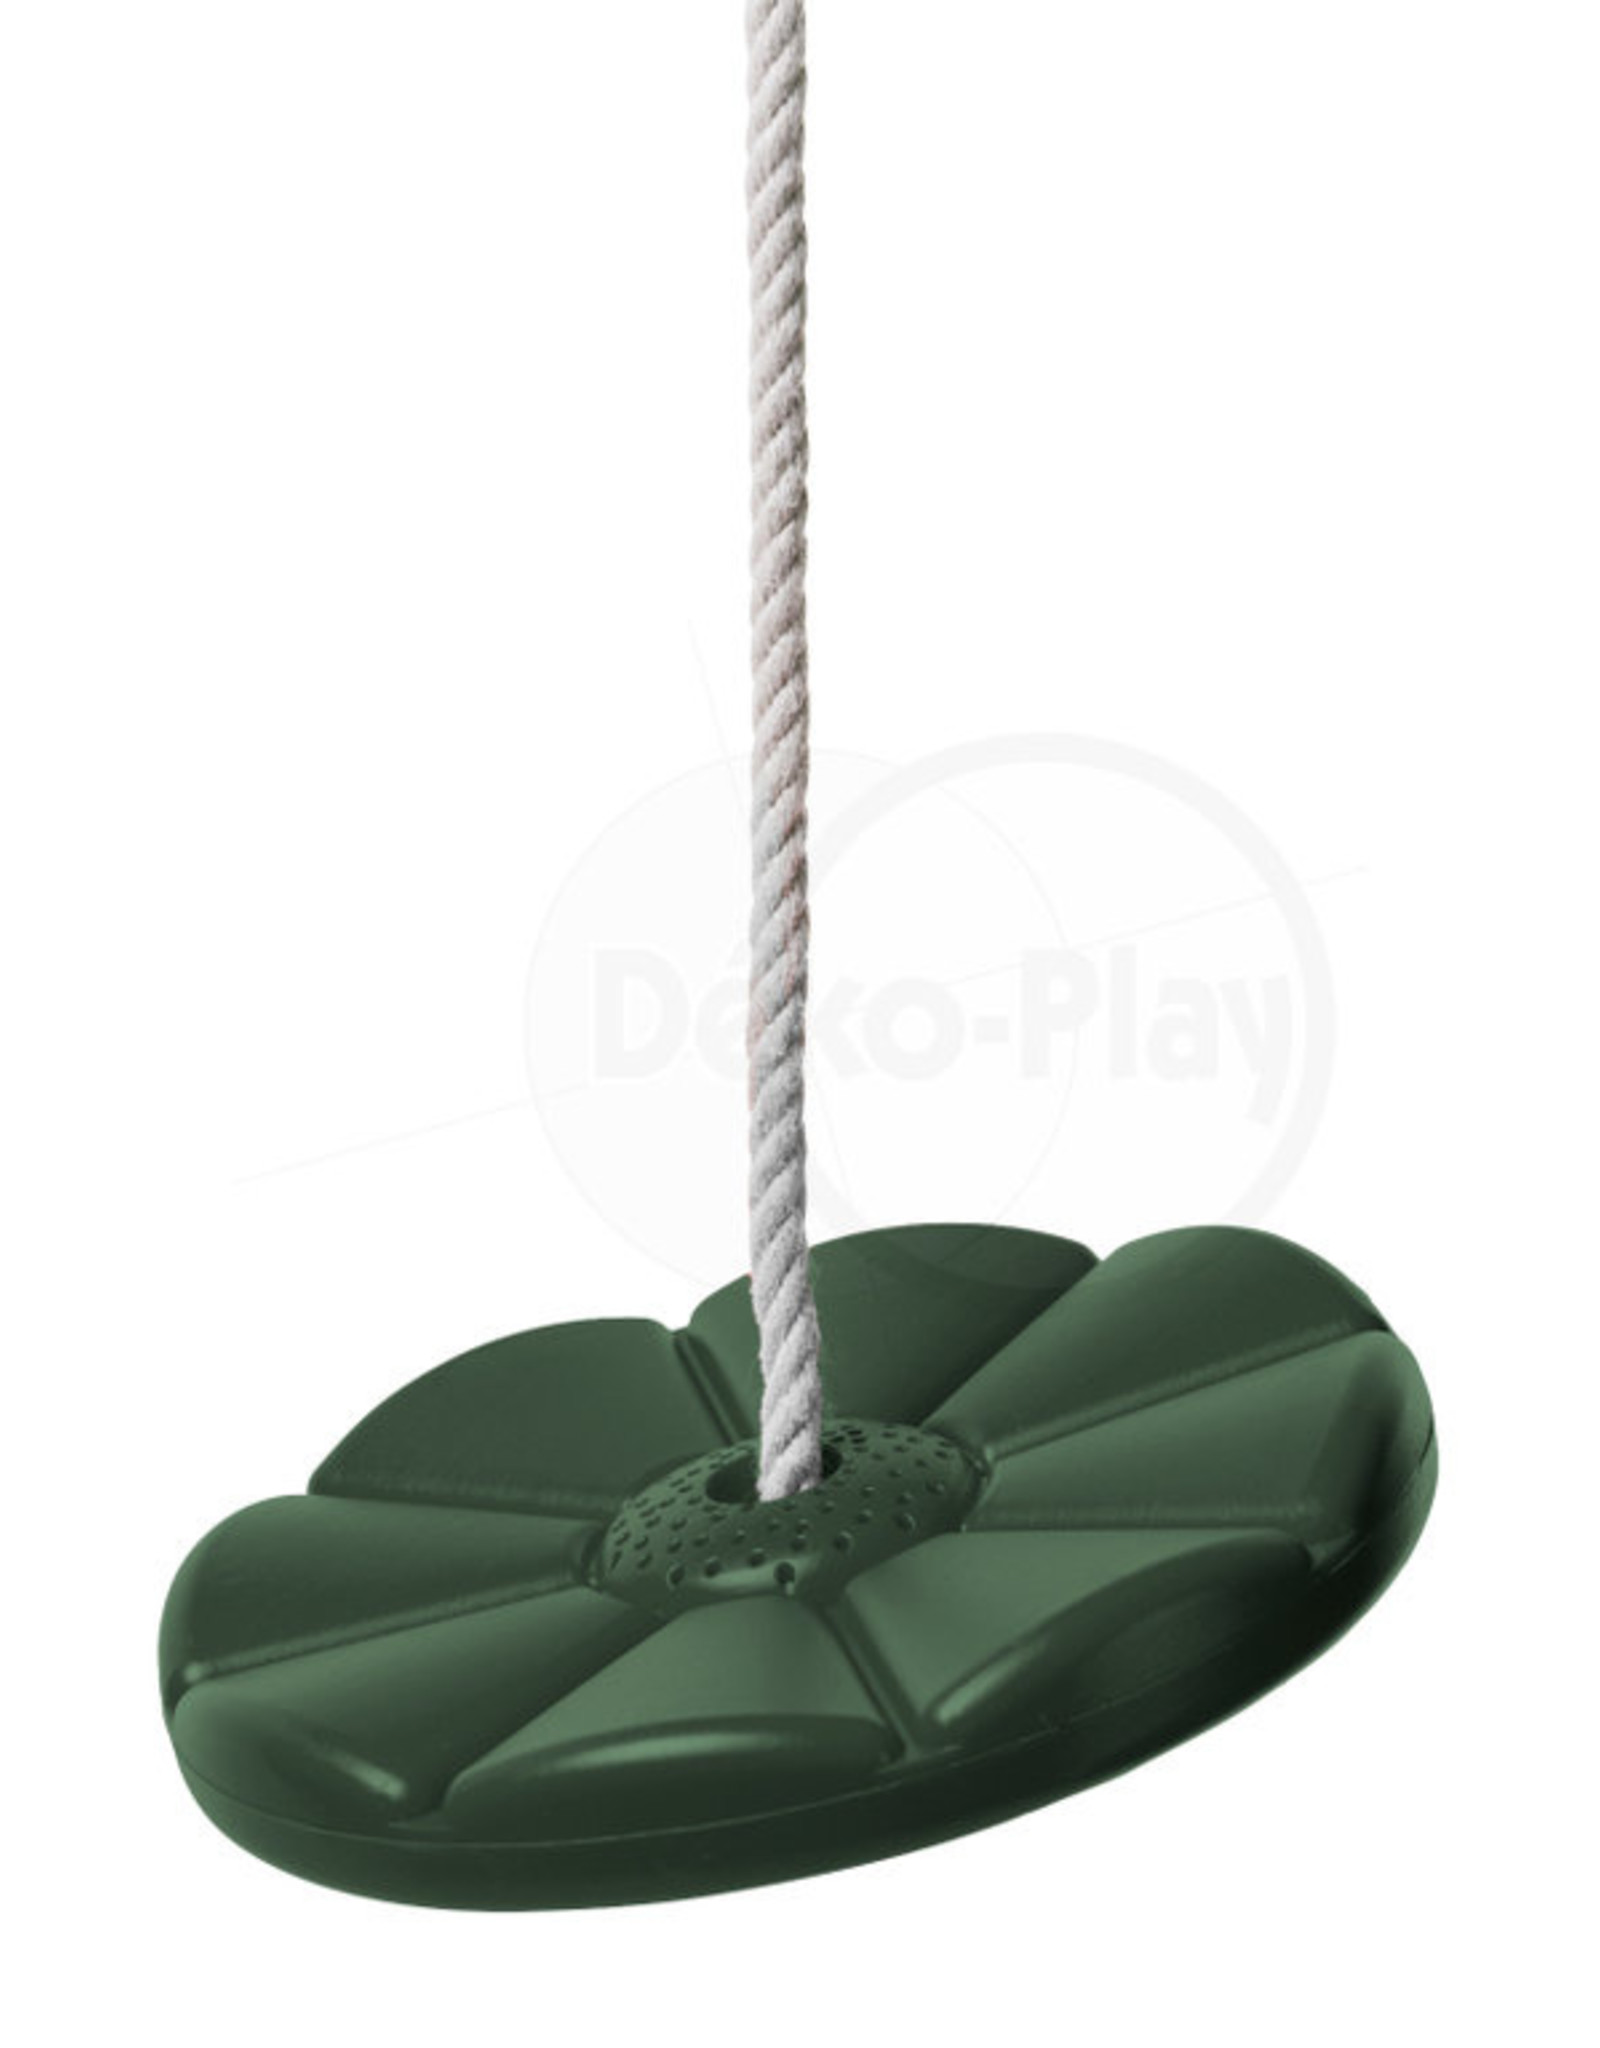 Déko-Play Déko-Play schotelschommel kunststof groen